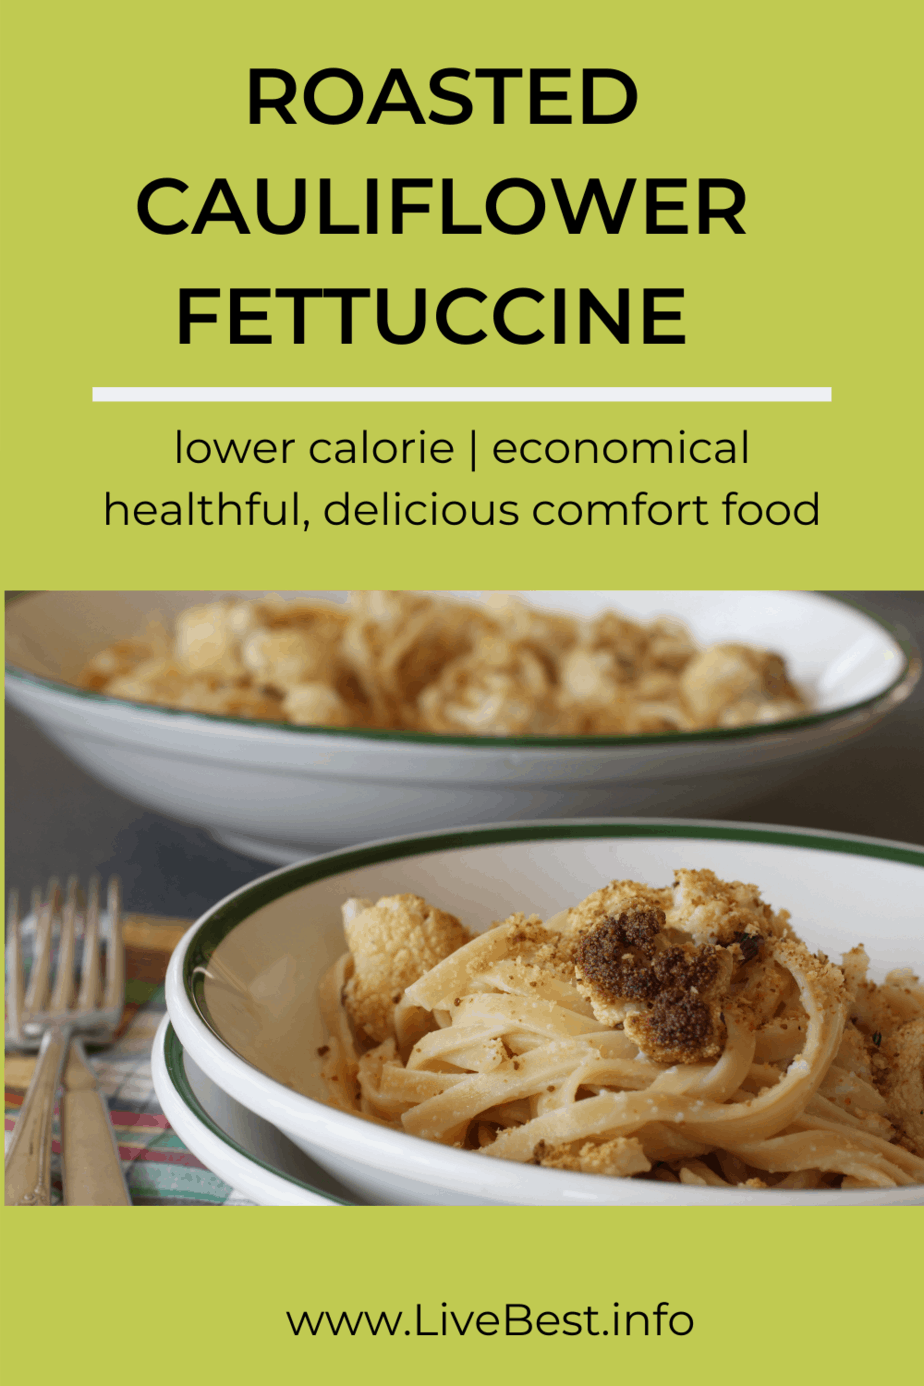 2 bowls of roasted cauliflower fettuccine